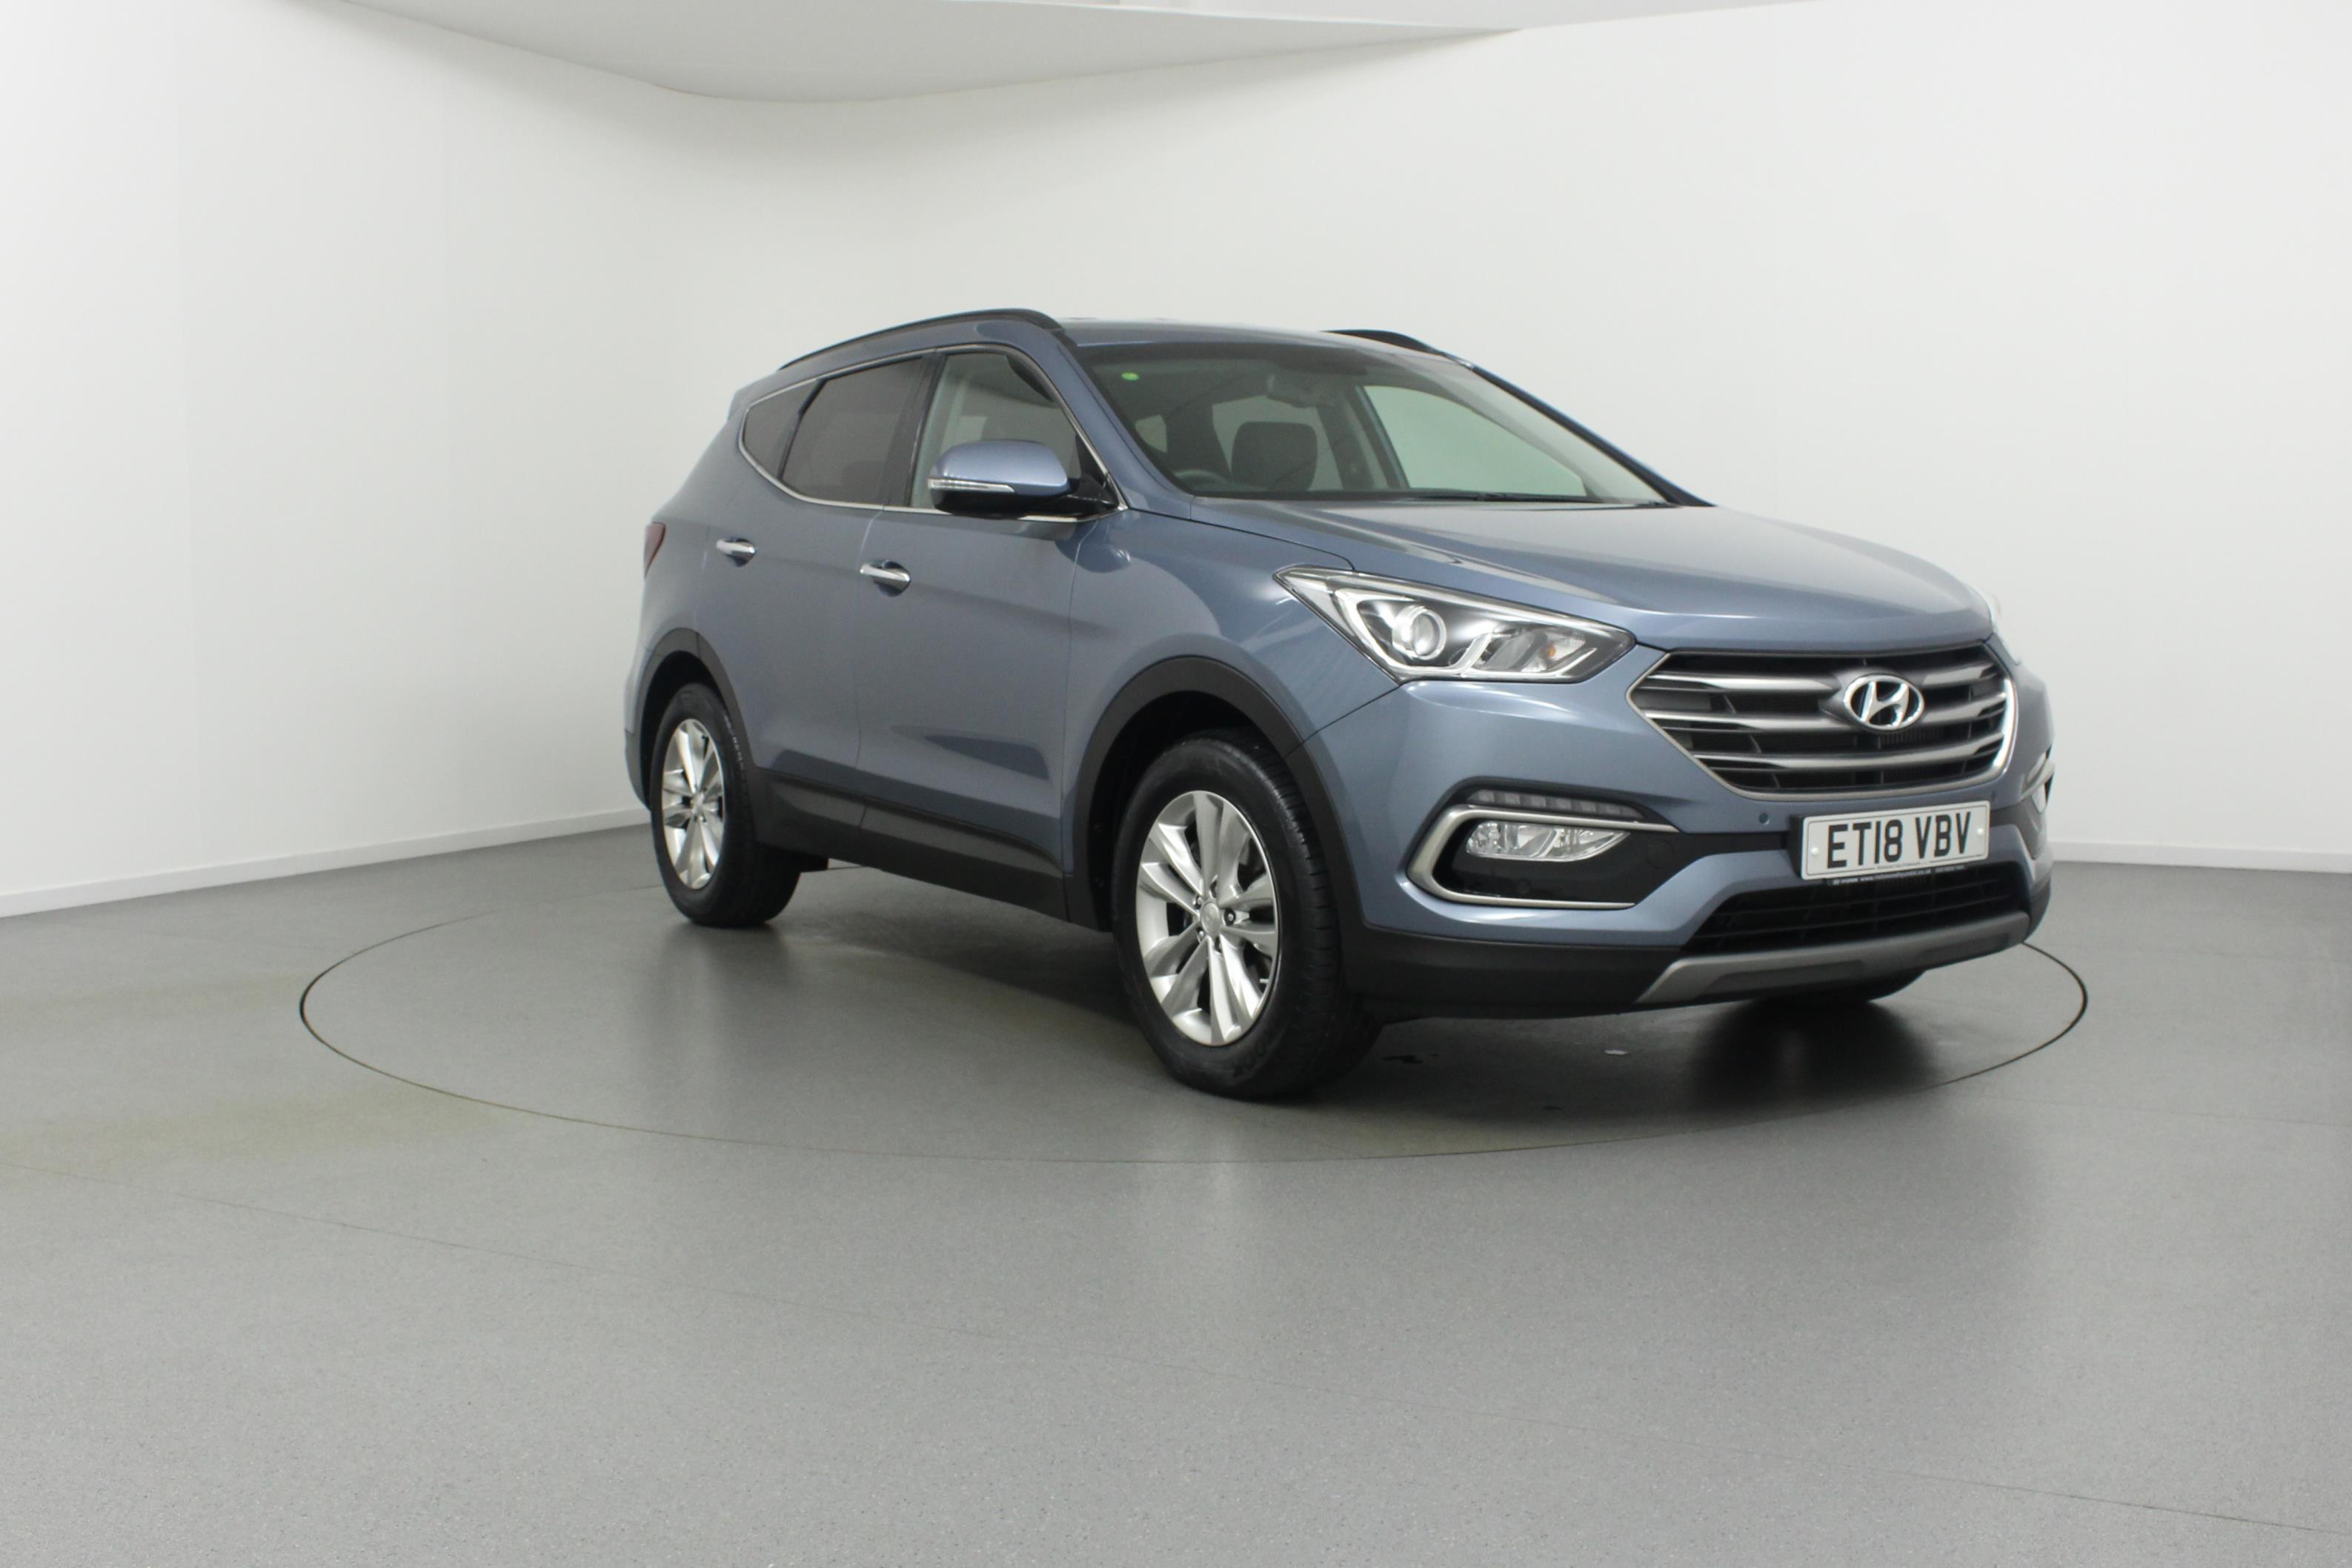 Hyundai Santa Fe 2 2 Crdi Premium 7 Seater Colour Blue Price